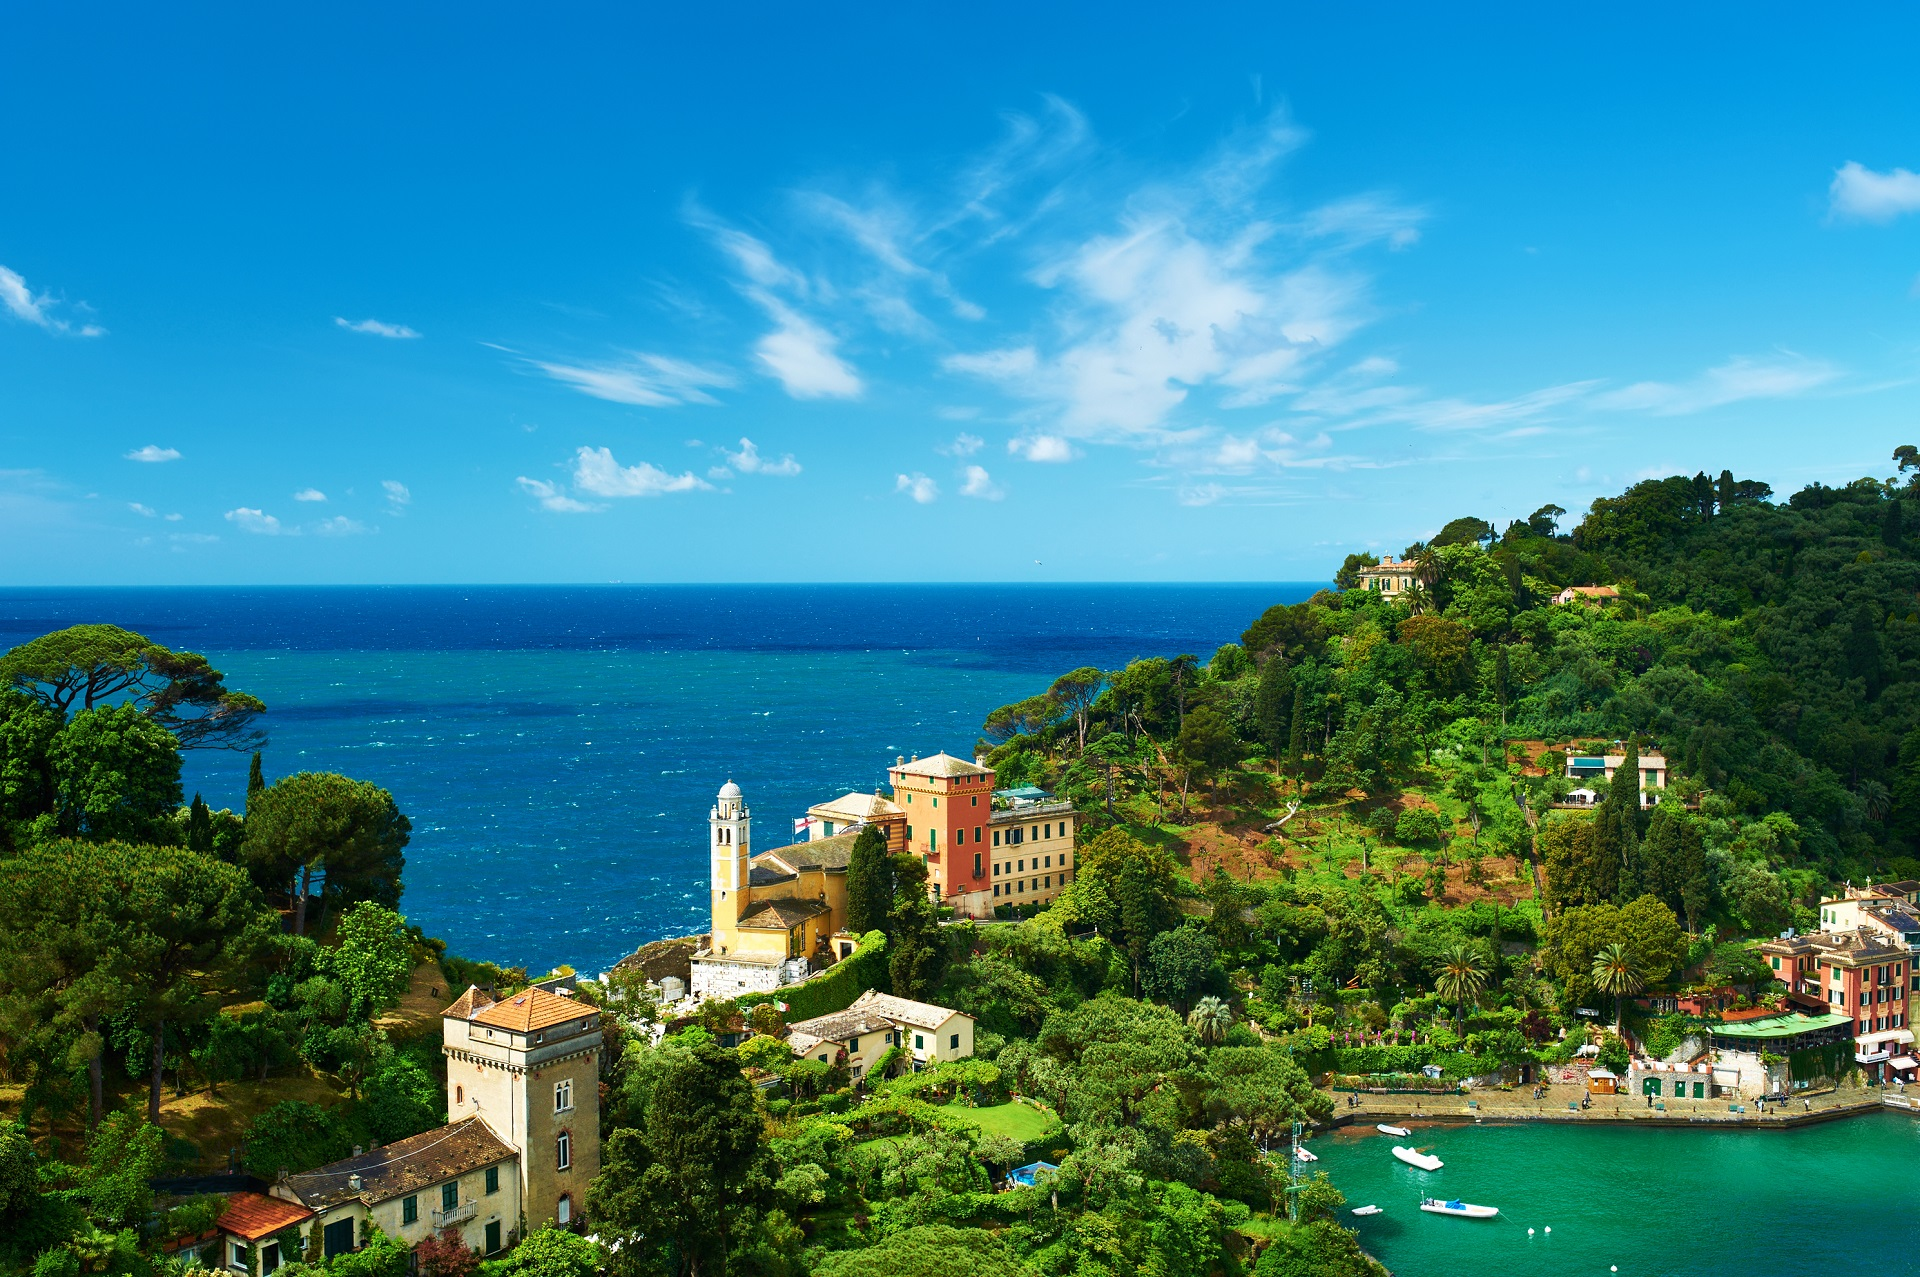 Sharewood viaggi Italia, wondermust